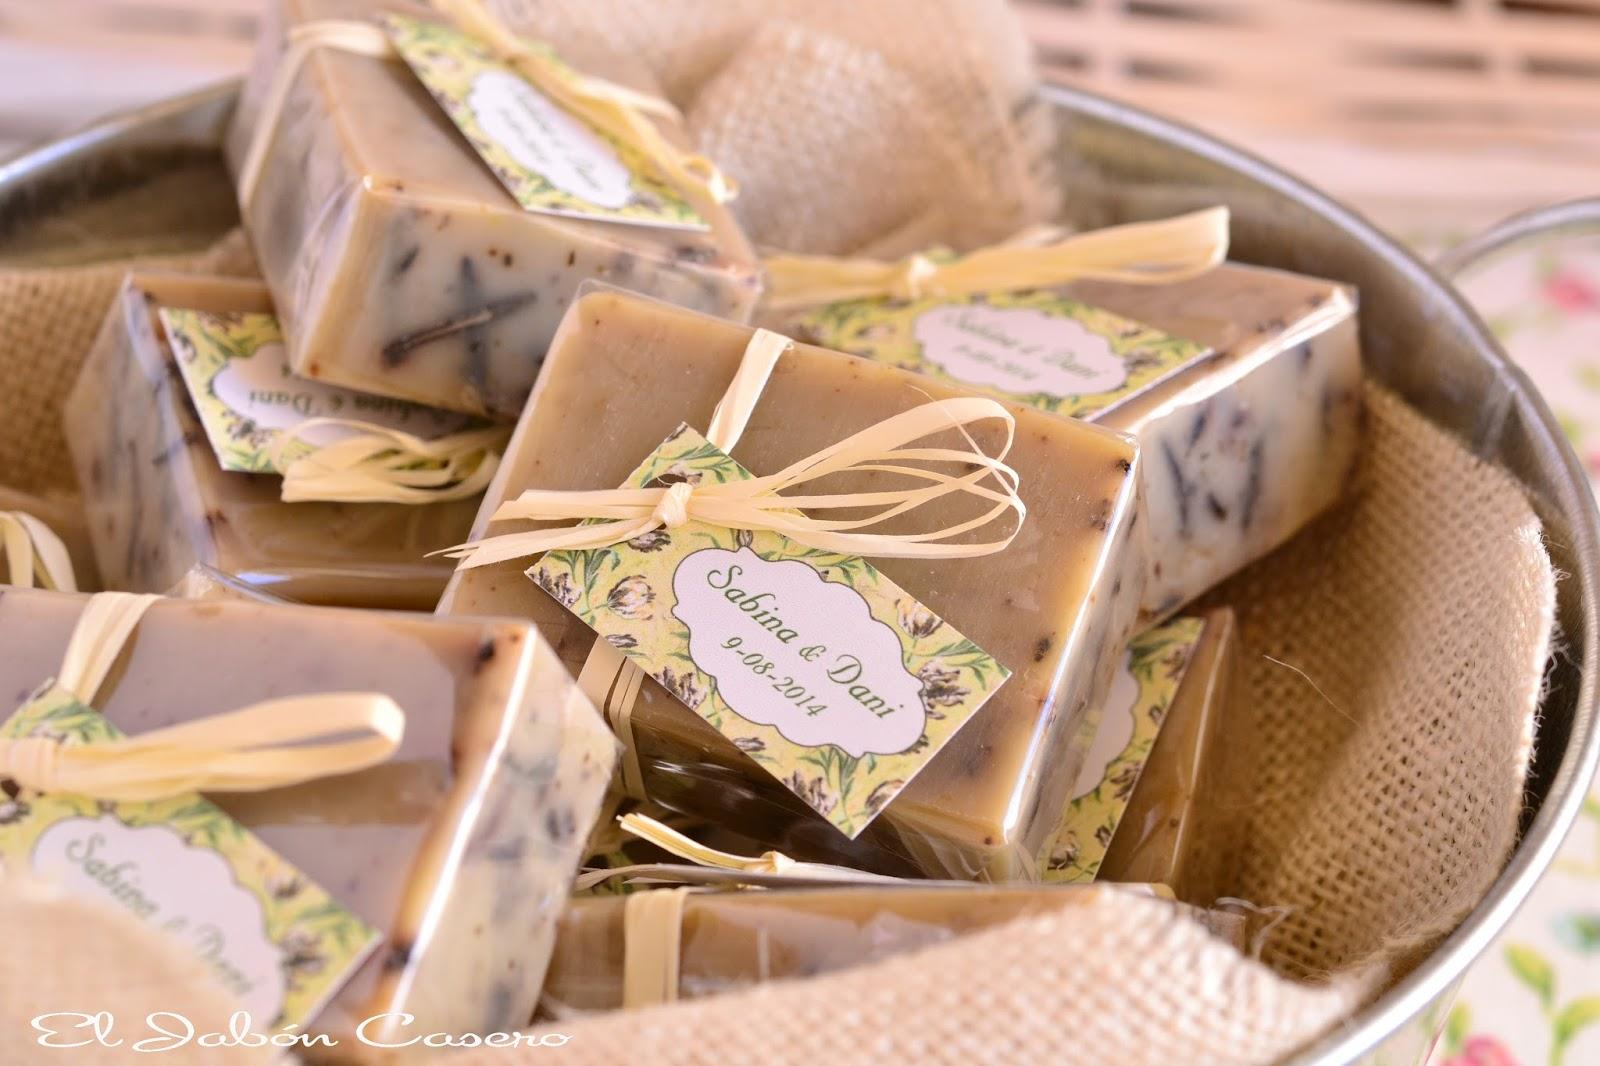 El jab n casero detalles naturales para bodas jabones for Decoracion rustica para bodas